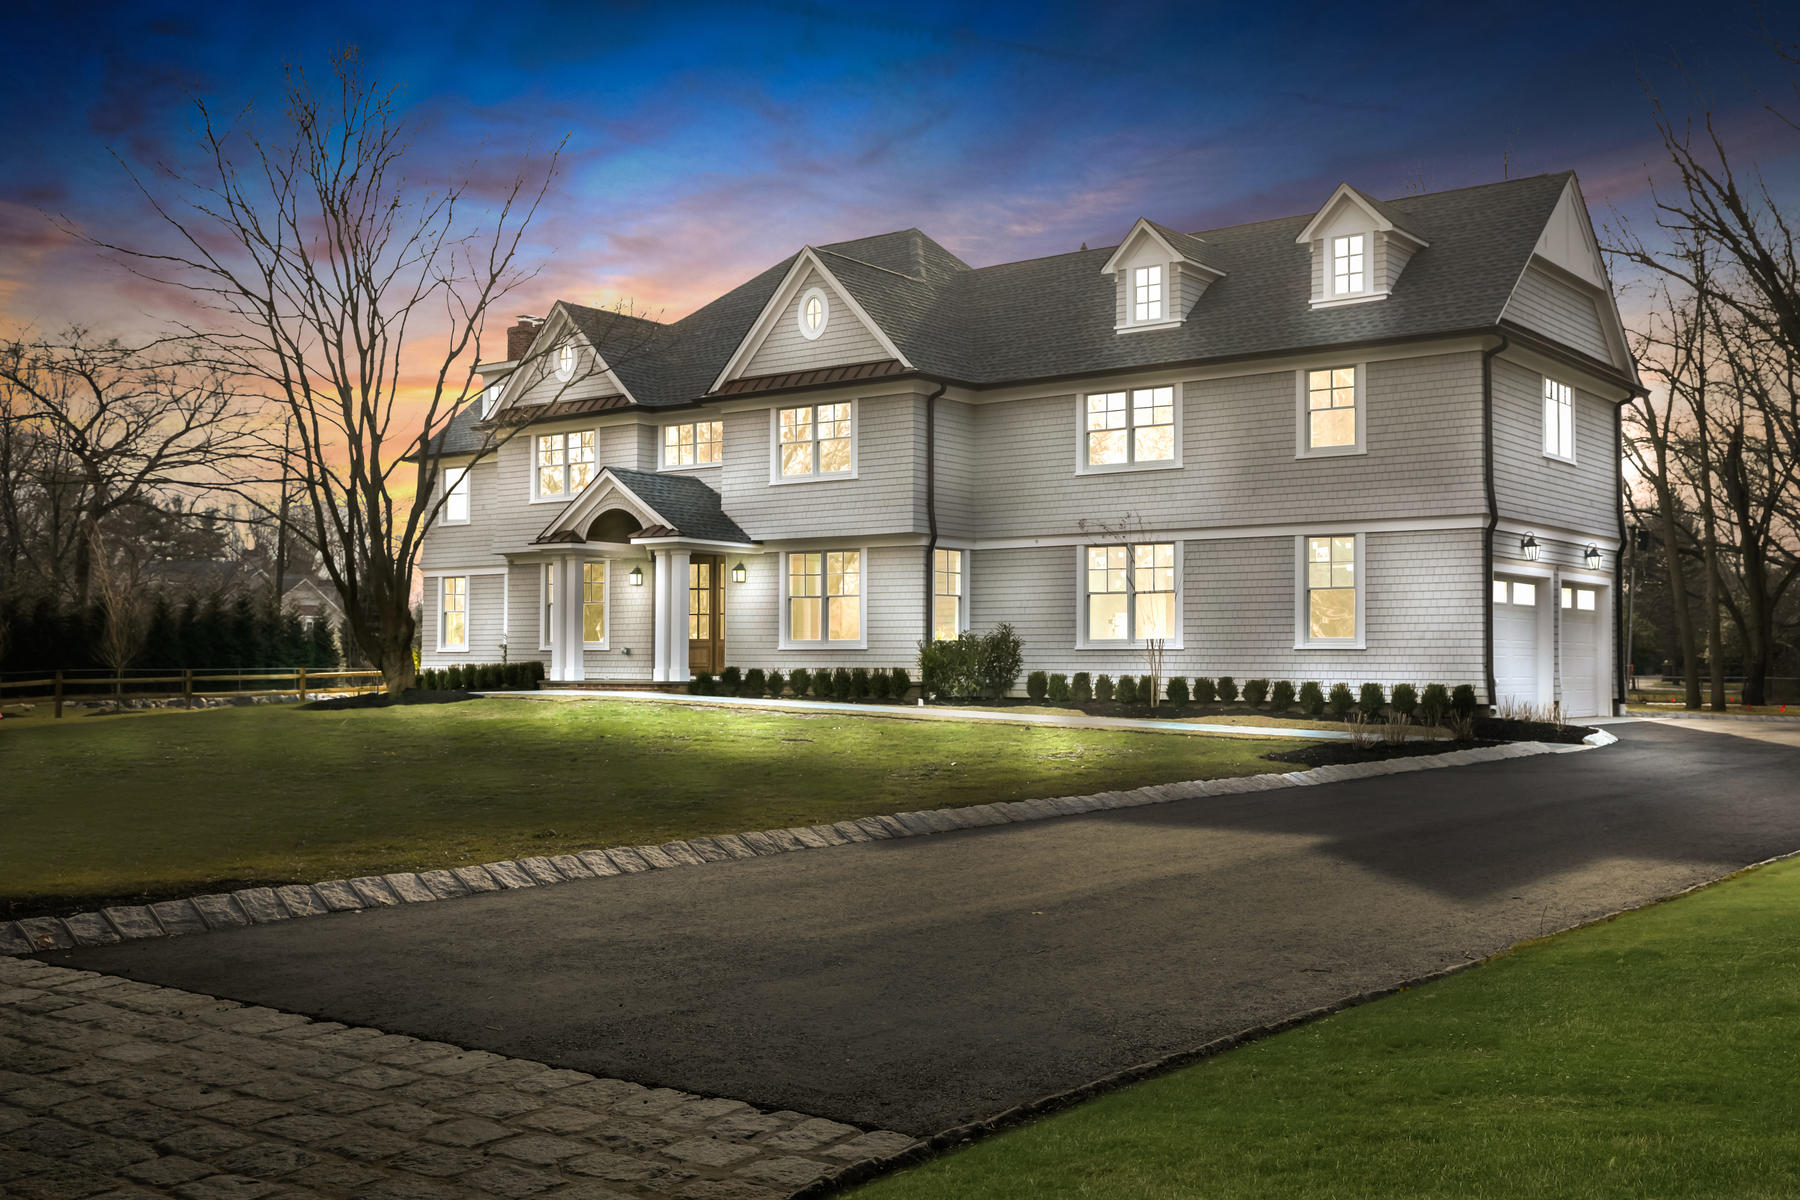 Частный односемейный дом для того Продажа на Elegant Rumson Home 66 Bellevue Ave, Rumson, Нью-Джерси 07760 Соединенные Штаты